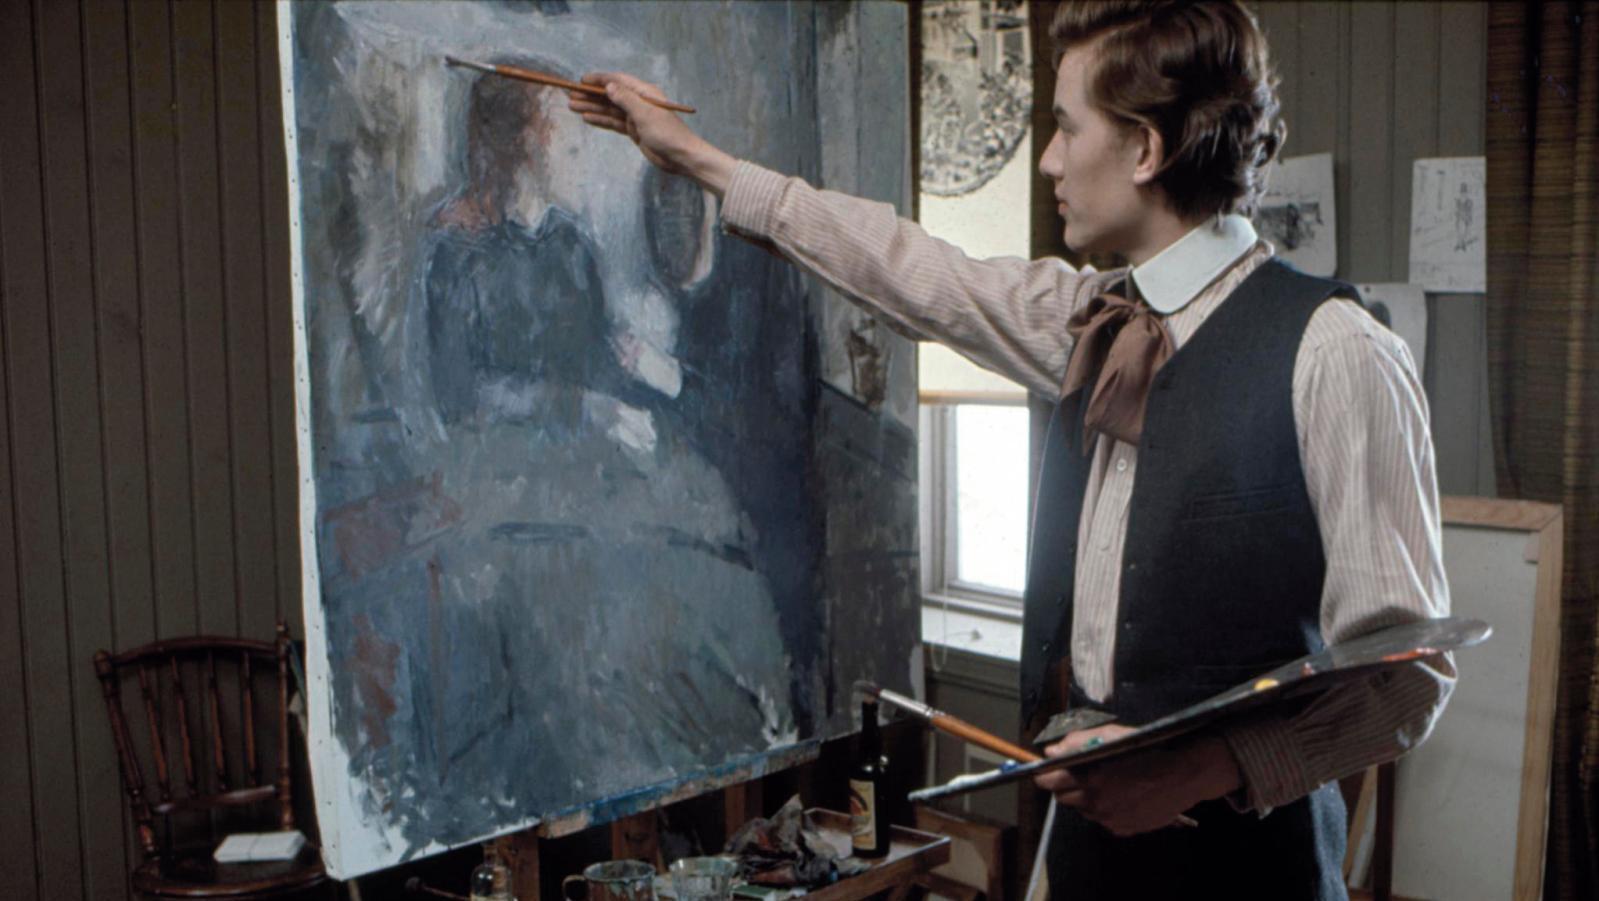 EDVARD MUNCH (Peter Watkins, 1974)